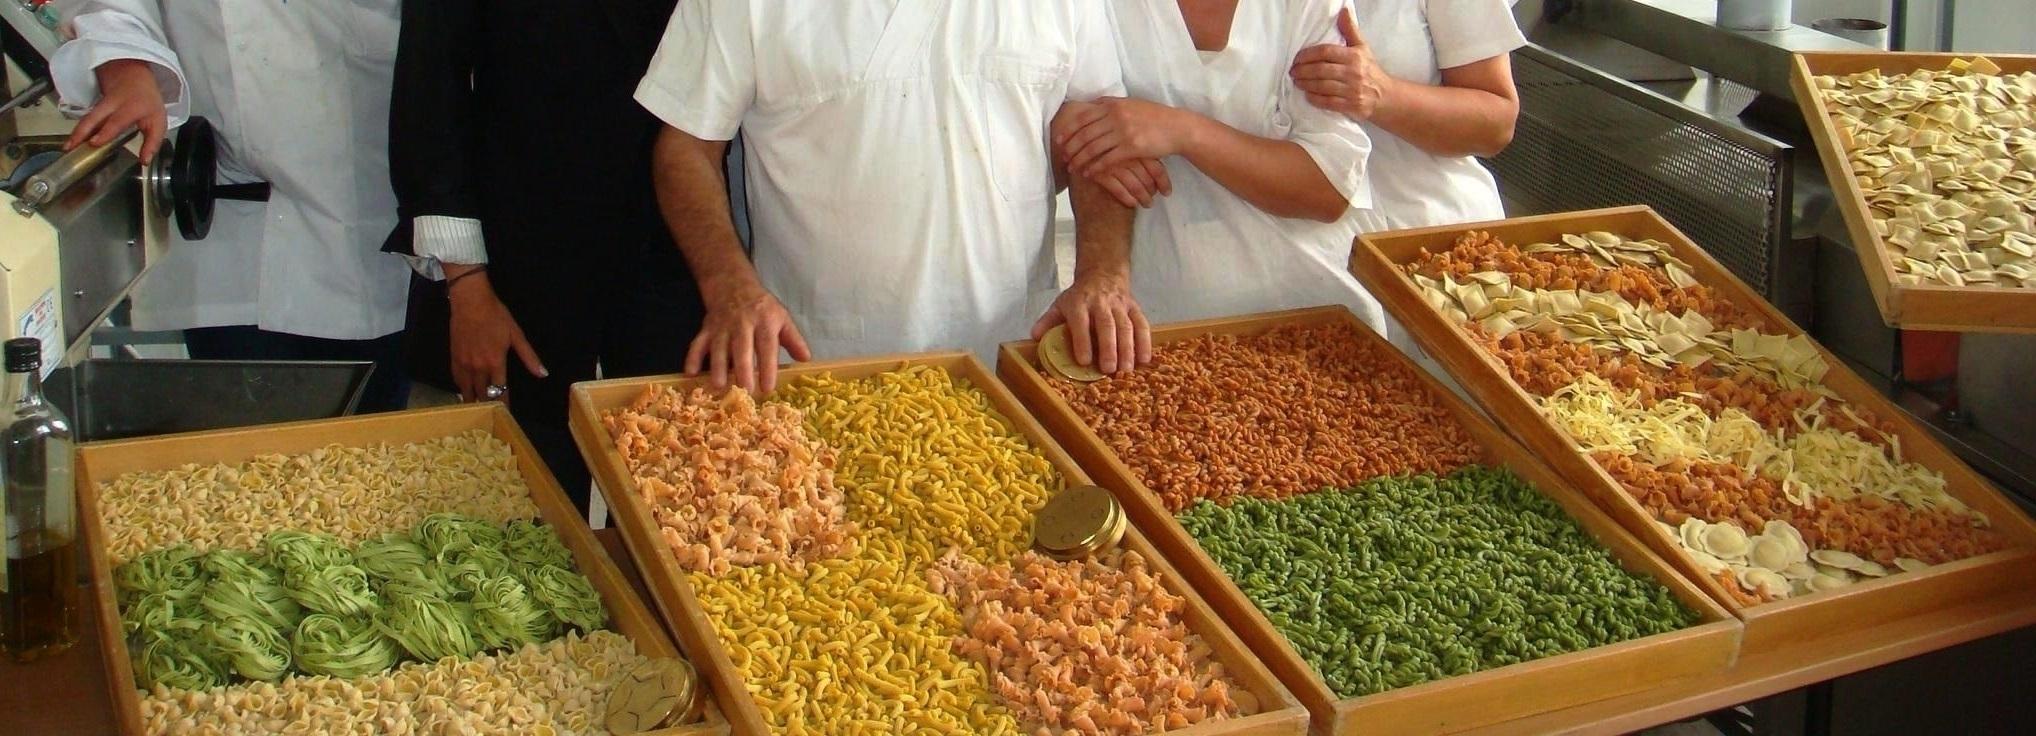 Votre magasin de pâtes fraîches clé en main avec Aldo Cozzi